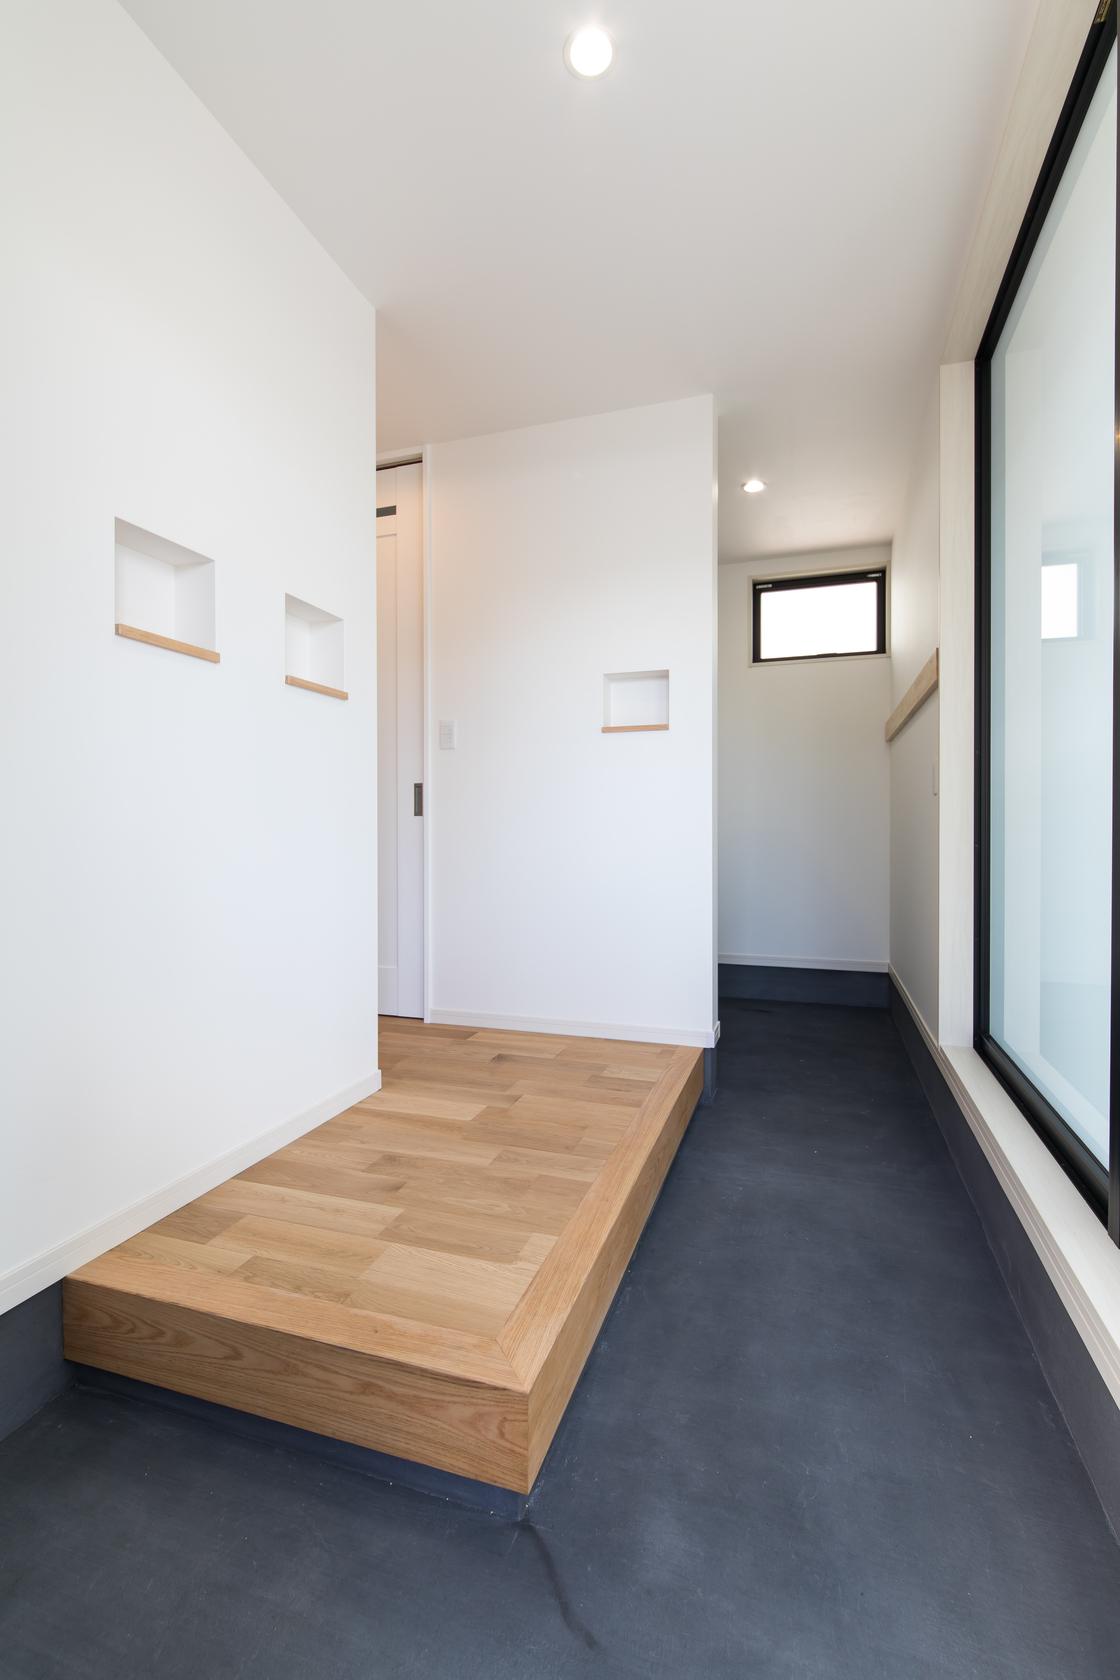 空間を贅沢に使った、ゆとりあるデザイン住宅